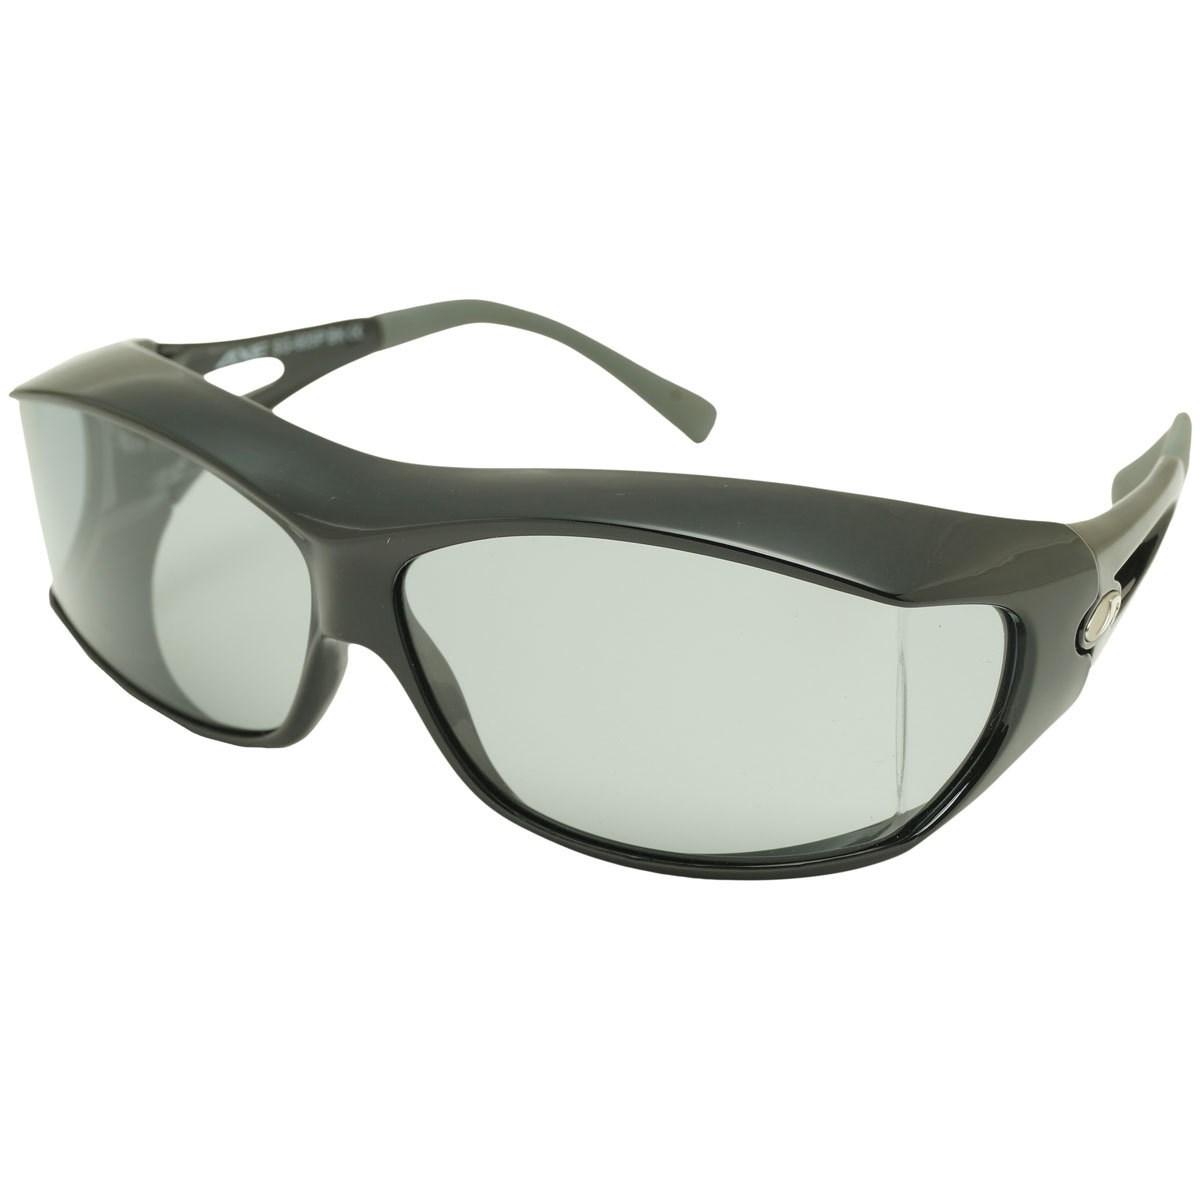 アックス(AXE) Optical style サングラス 眼鏡着用可モデル SG-605P